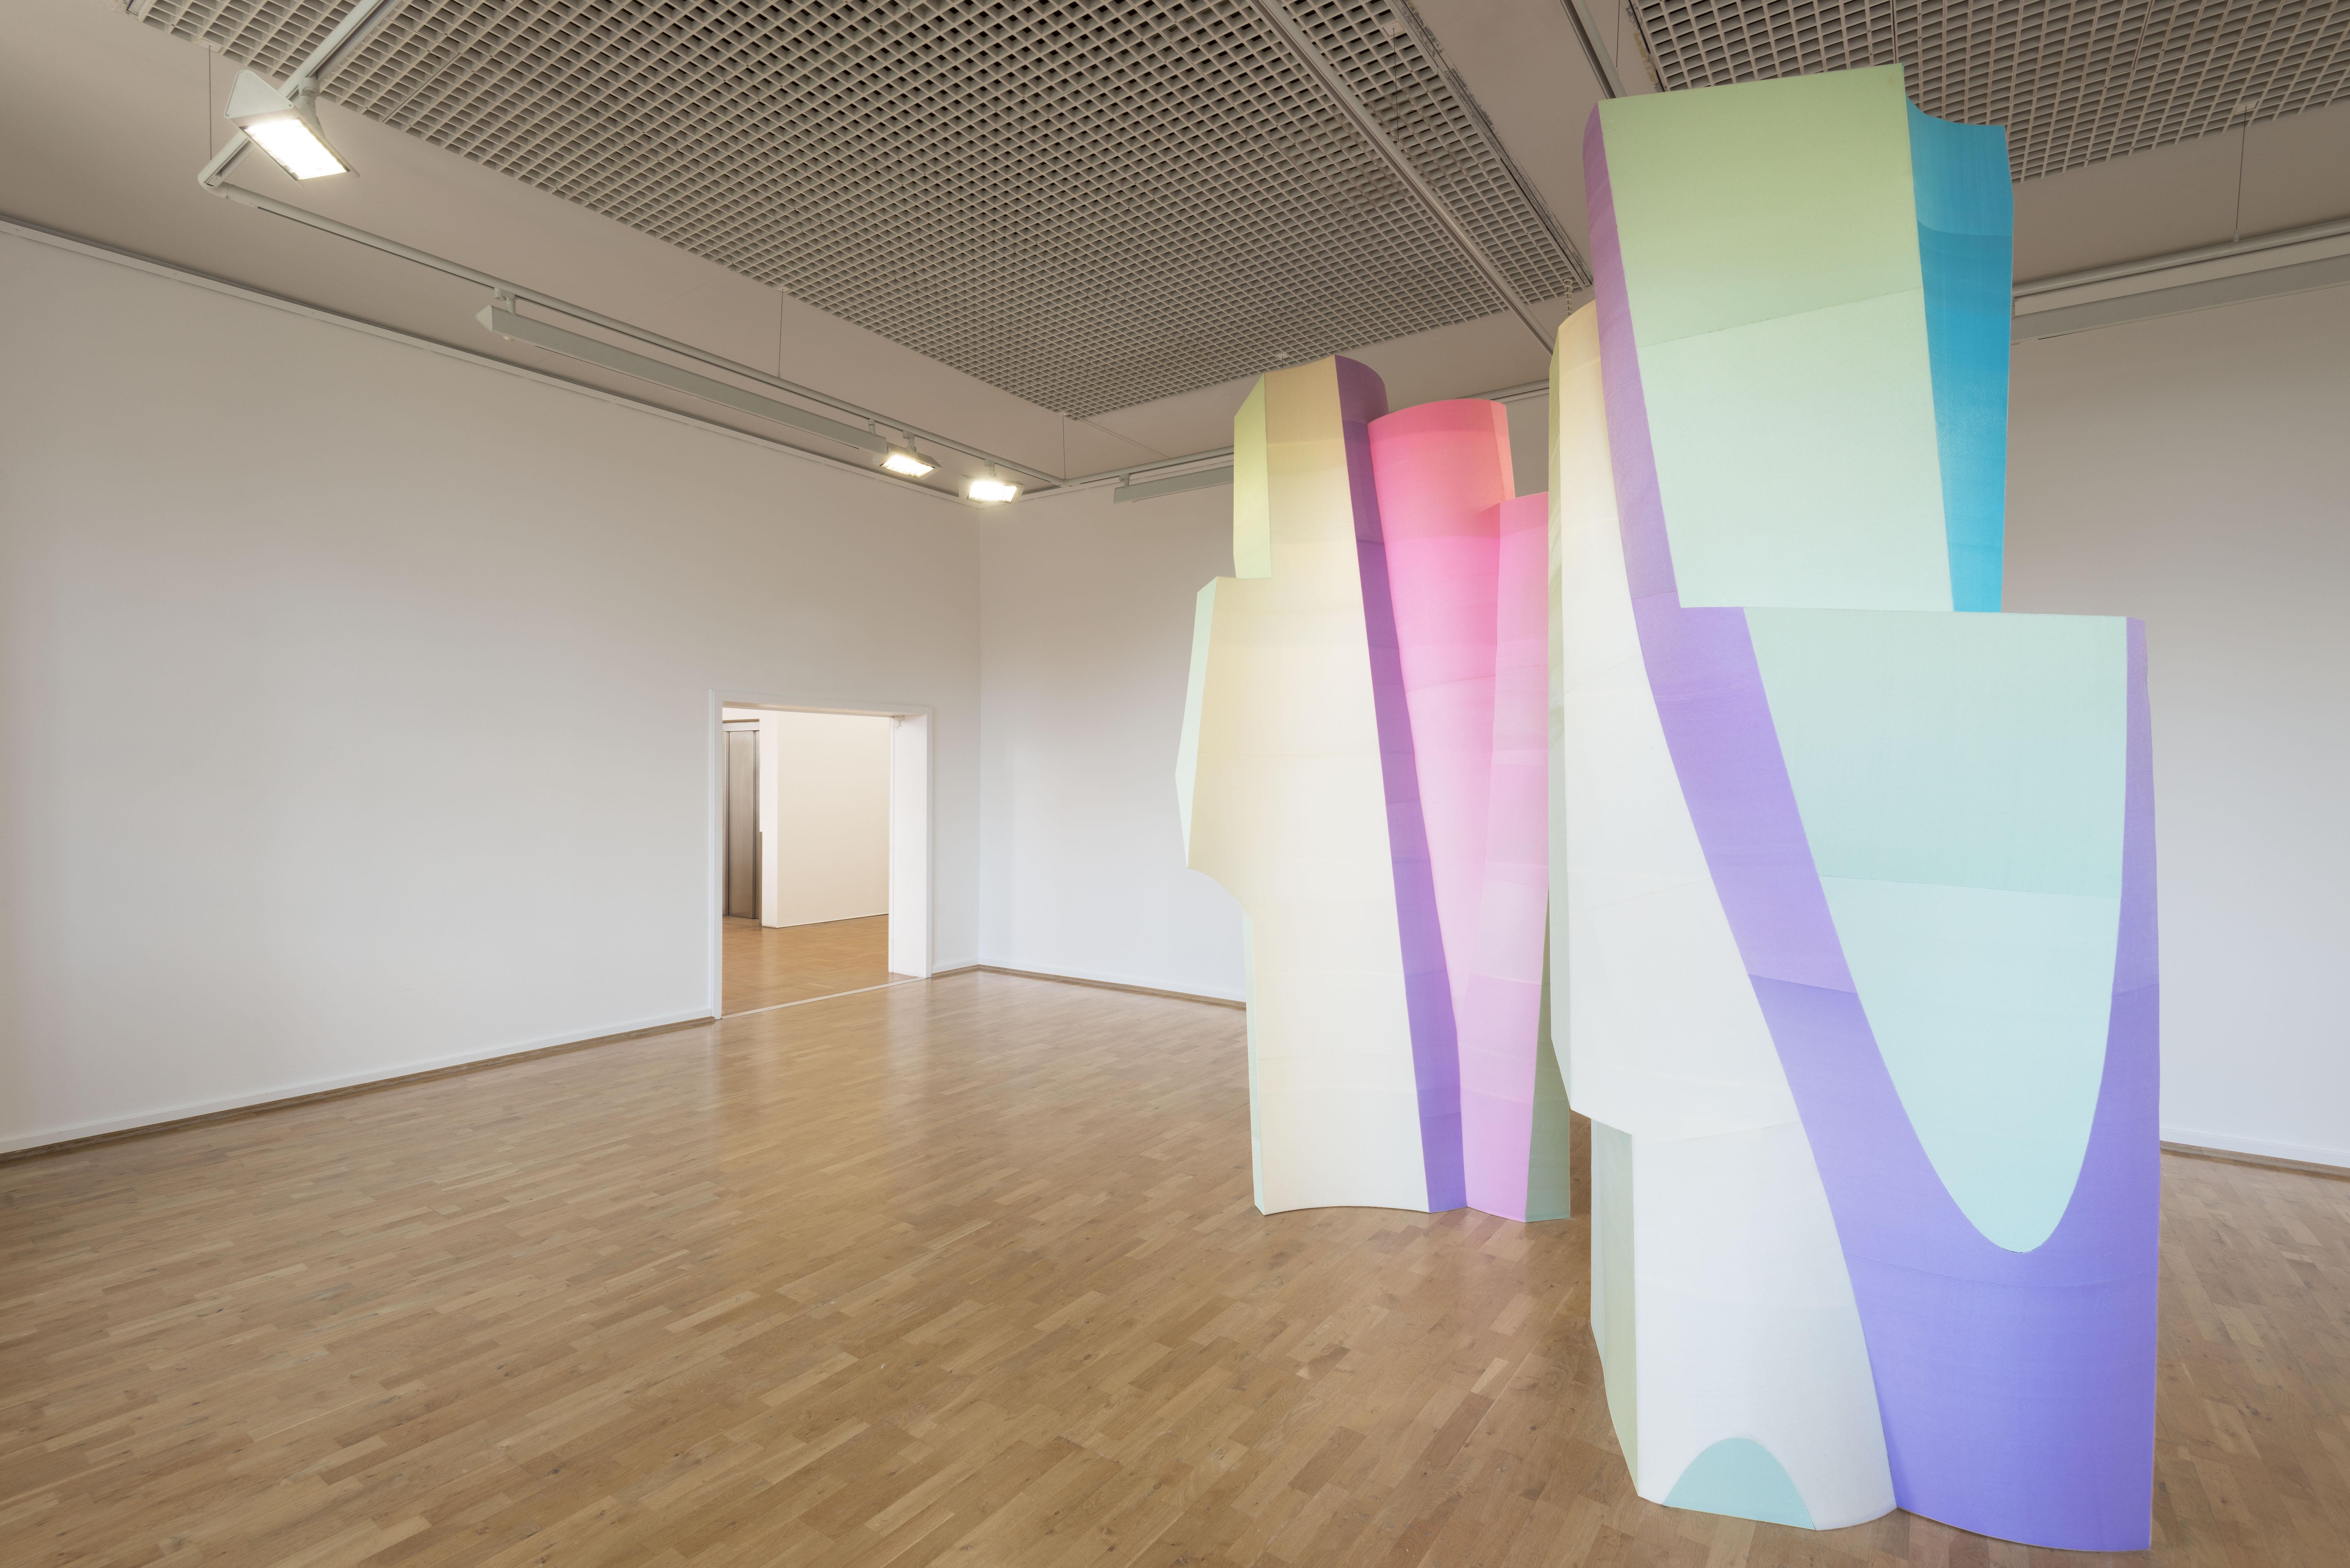 Kai Schiemenz 'Große und Kleine - Pistazie / Malve / Koralle' Ausstellungsansicht Städtische Galerie Wolfsburg. © Kai Schiemenz, Courtesy Galerie EIGEN + ART Leipzig/Berlin, Fotos: Uwe Walter, Berlin